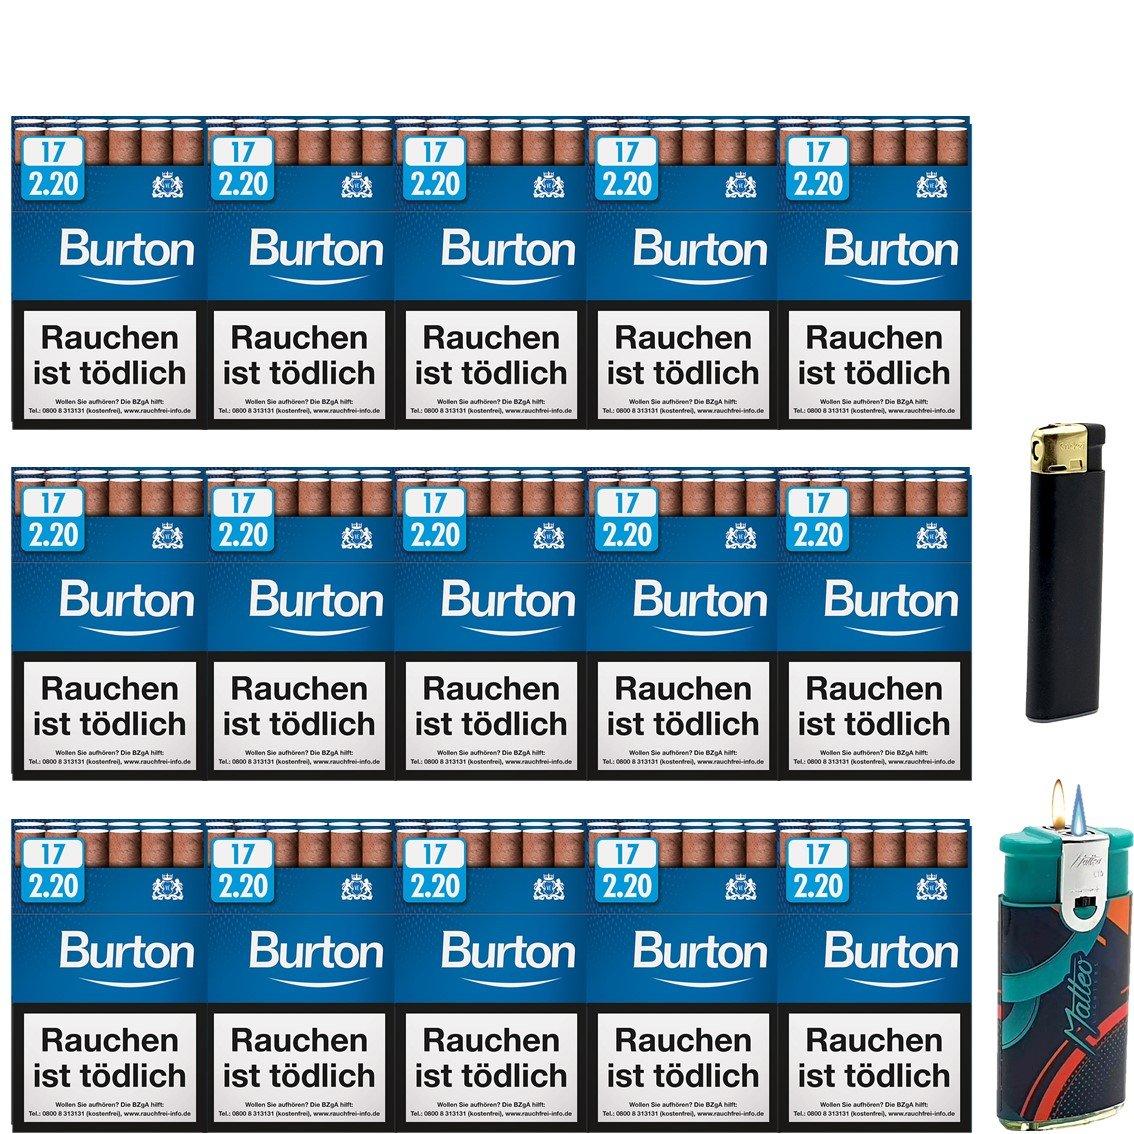 Burton Blue Zigarillos mit Filter (3 Stangen) 30 x 17 Stück Uvm.